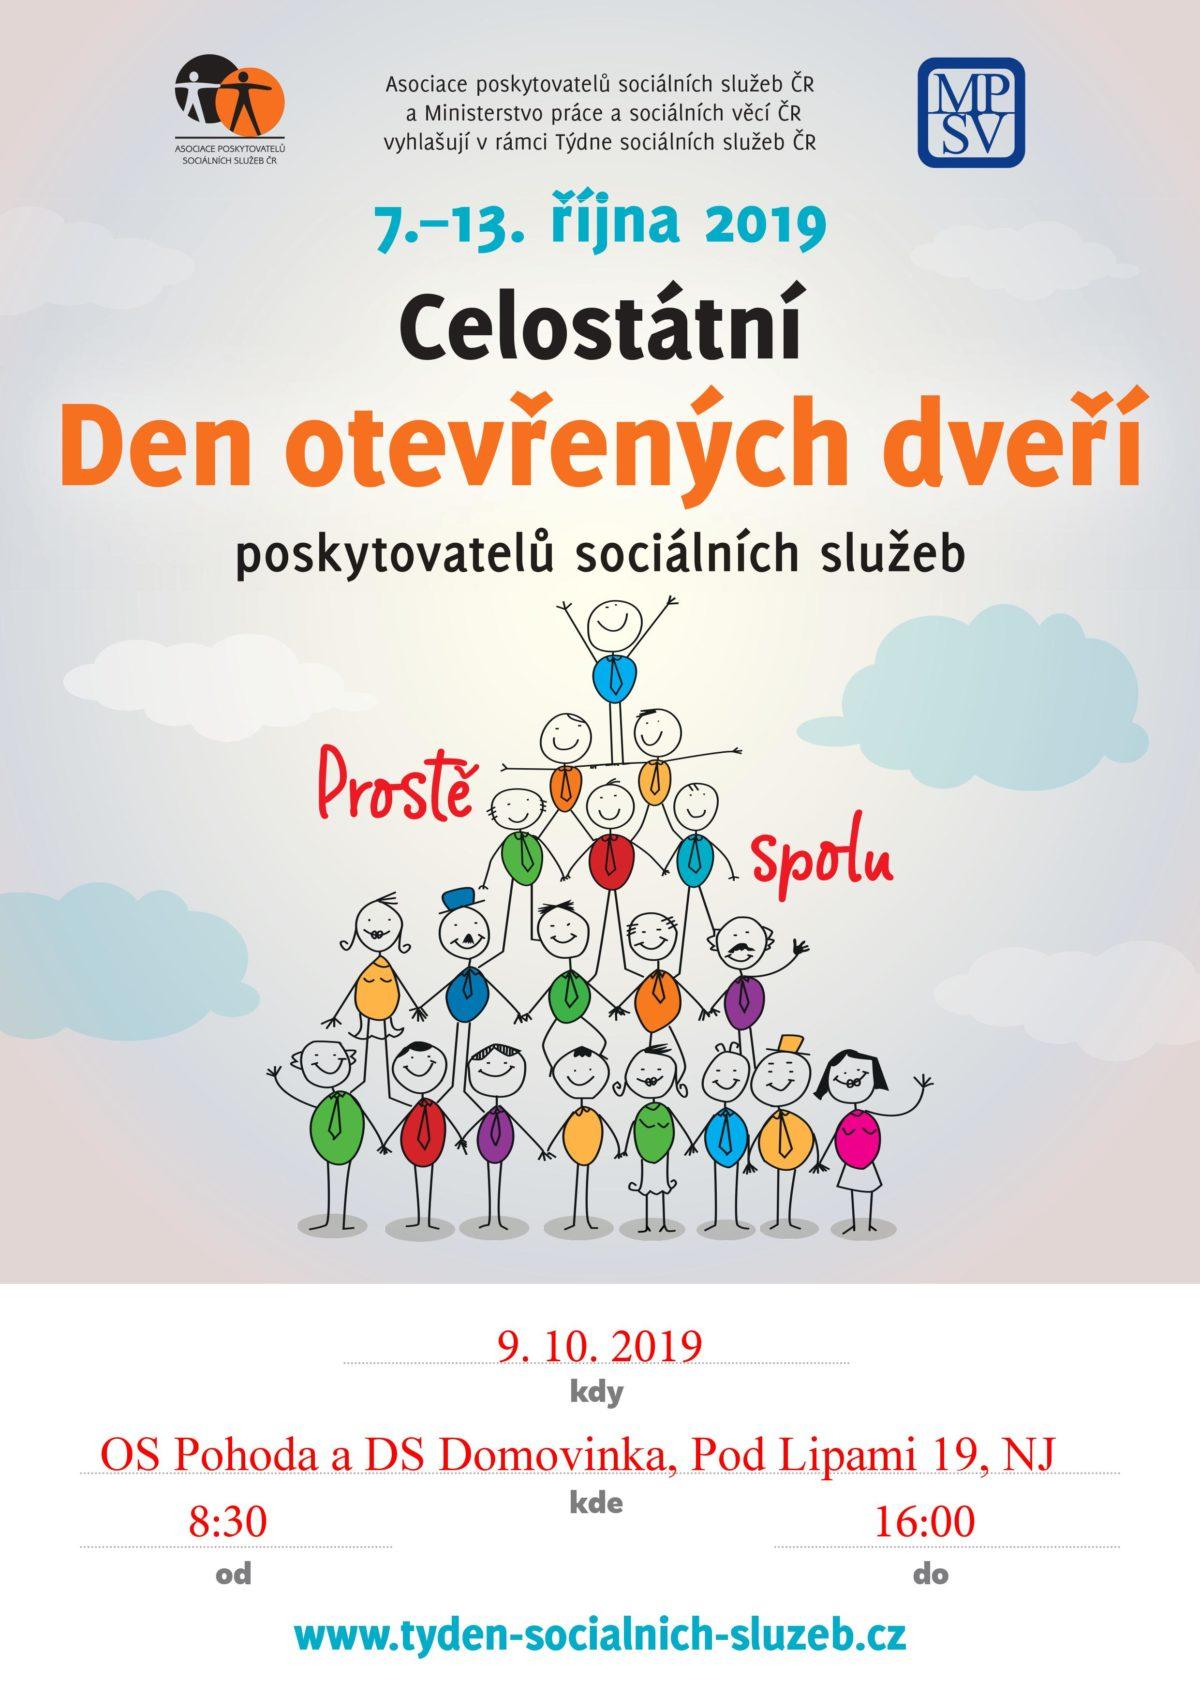 Den otevřených dveří poskytovatelů sociálních služeb